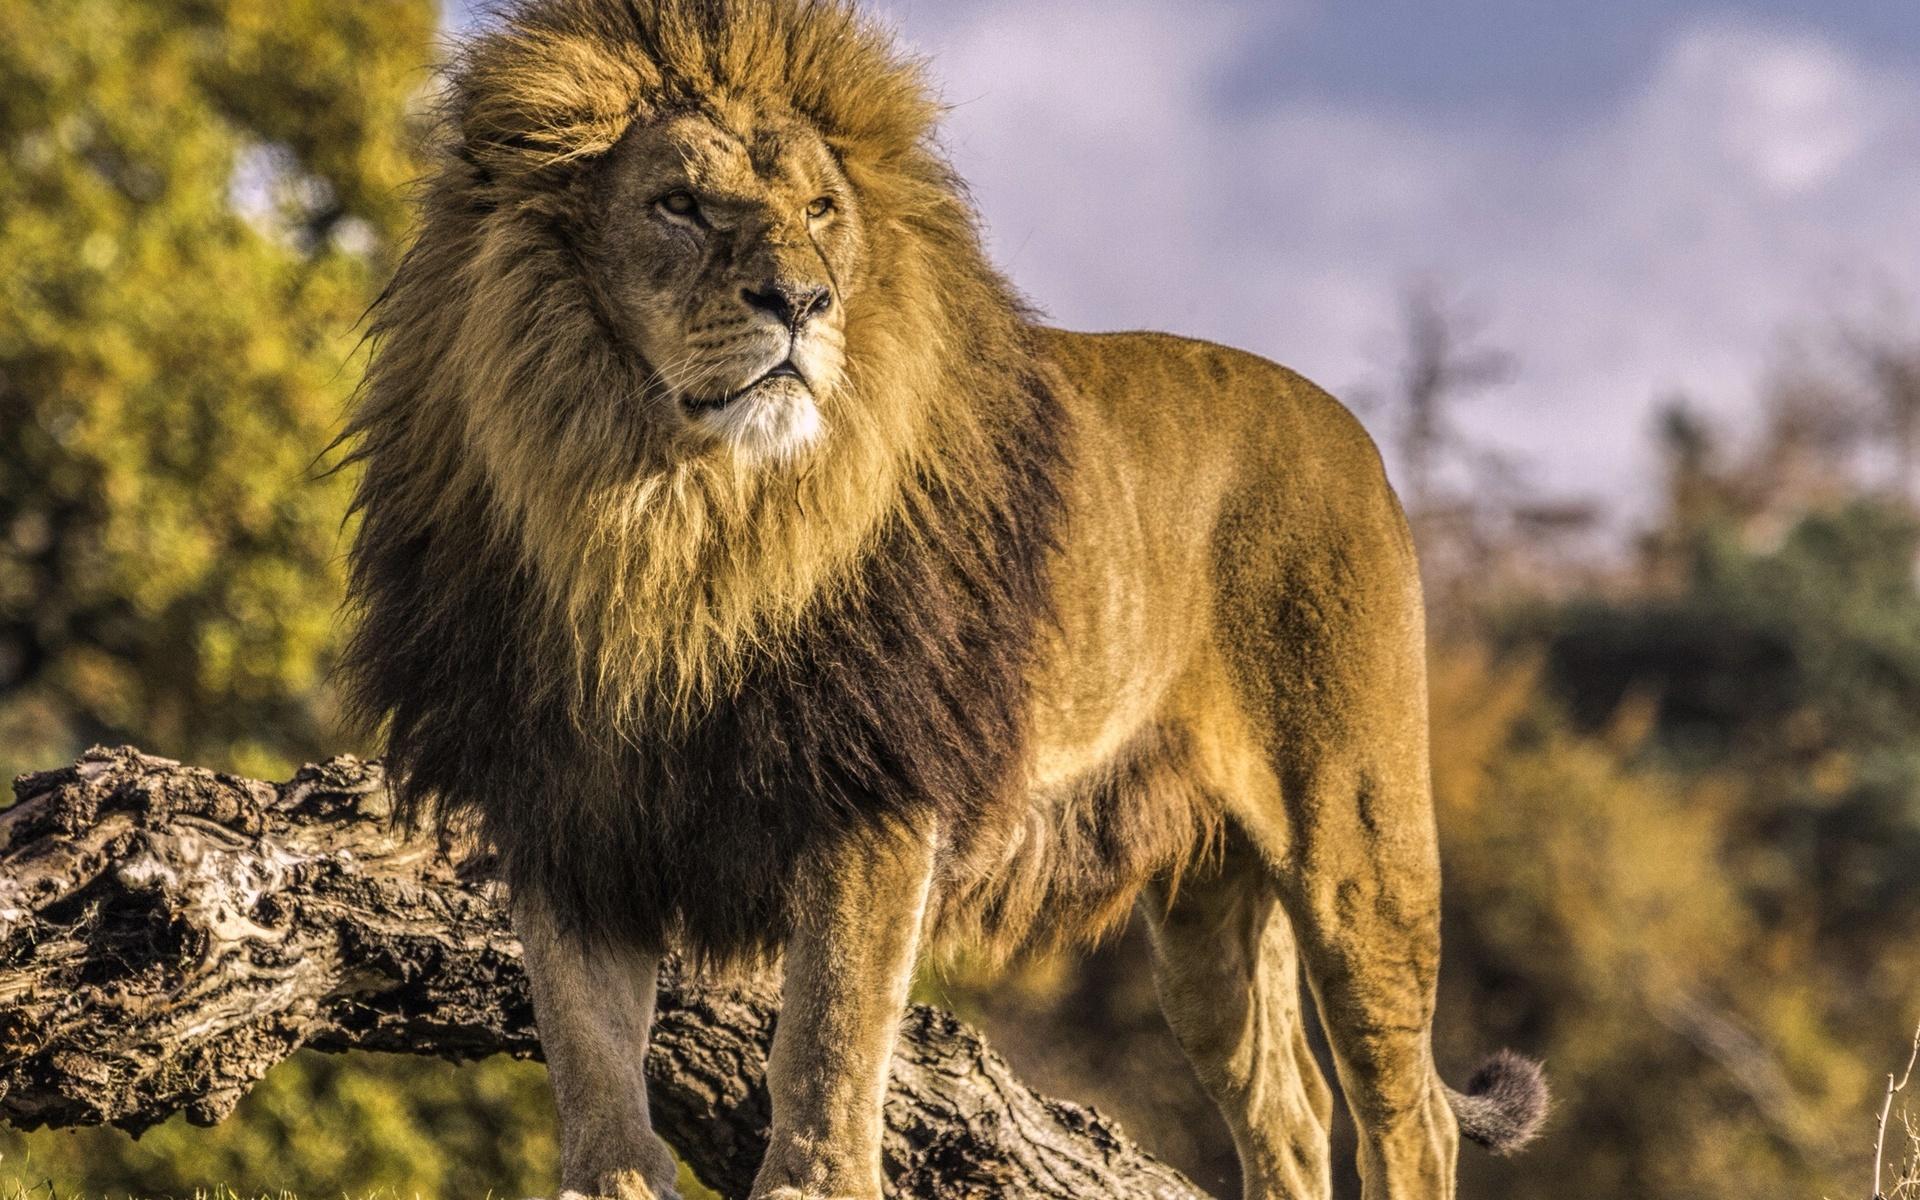 цветные флажки картинки лев хорошего качества любимый, тебя поздравить